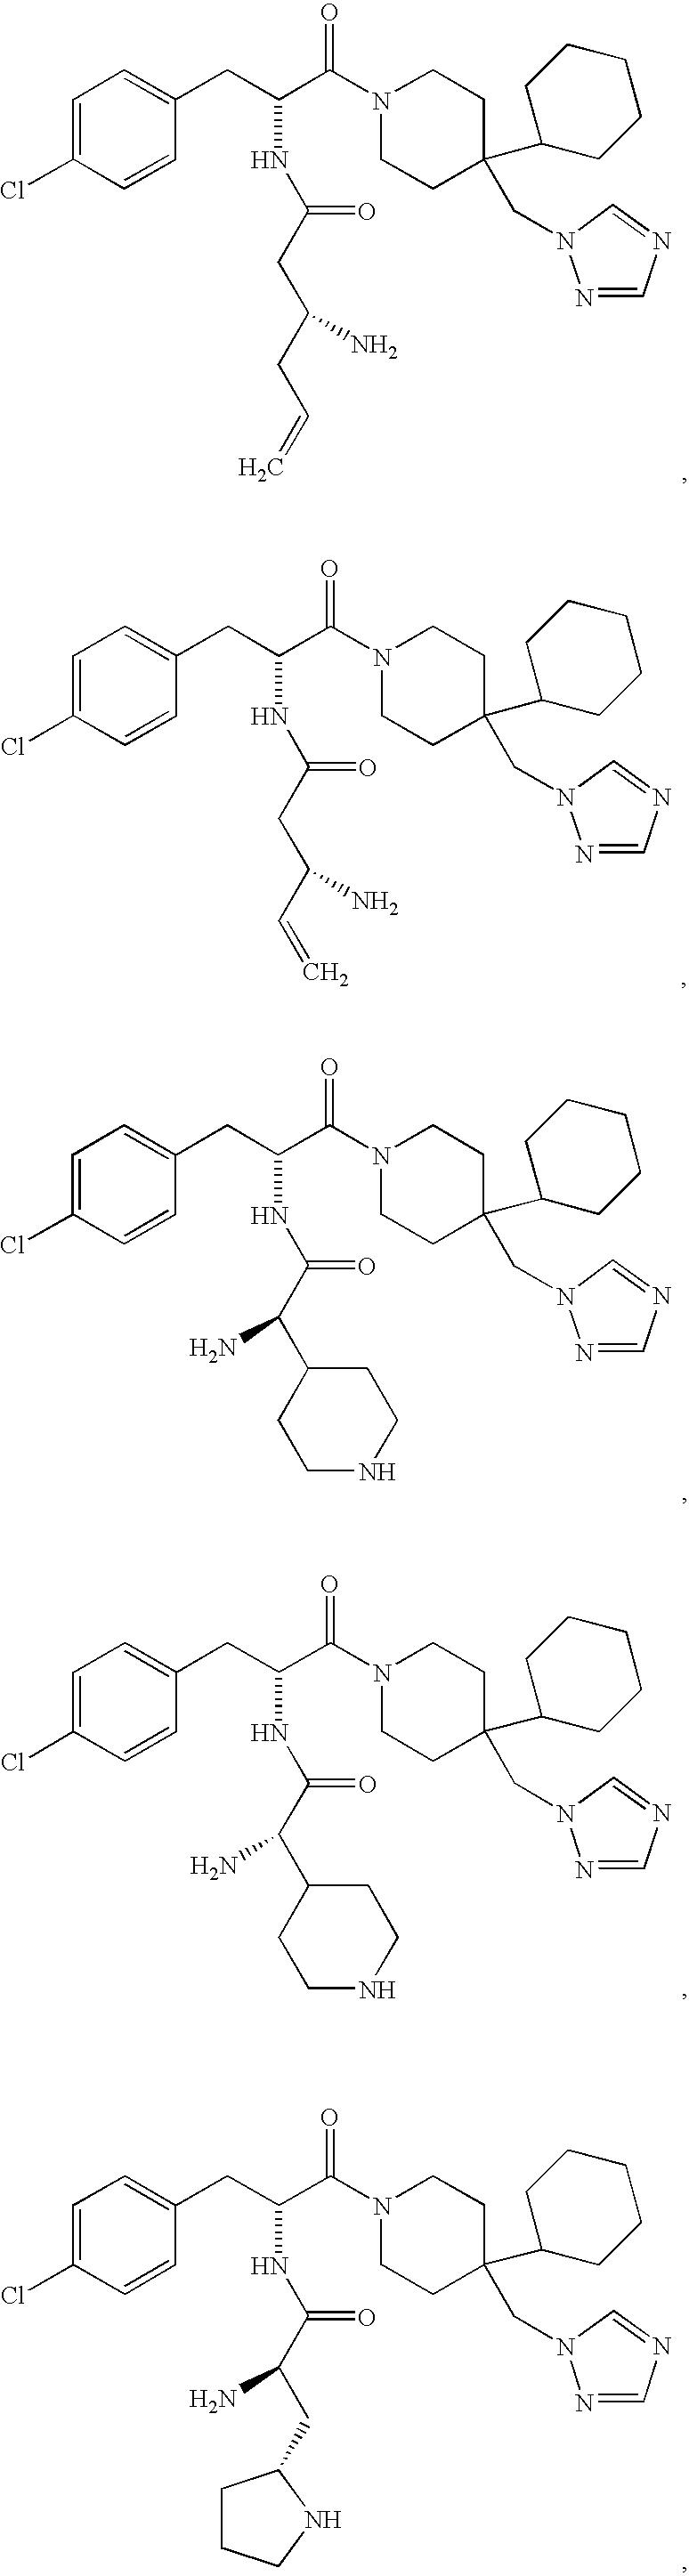 Figure US20040229882A1-20041118-C00022